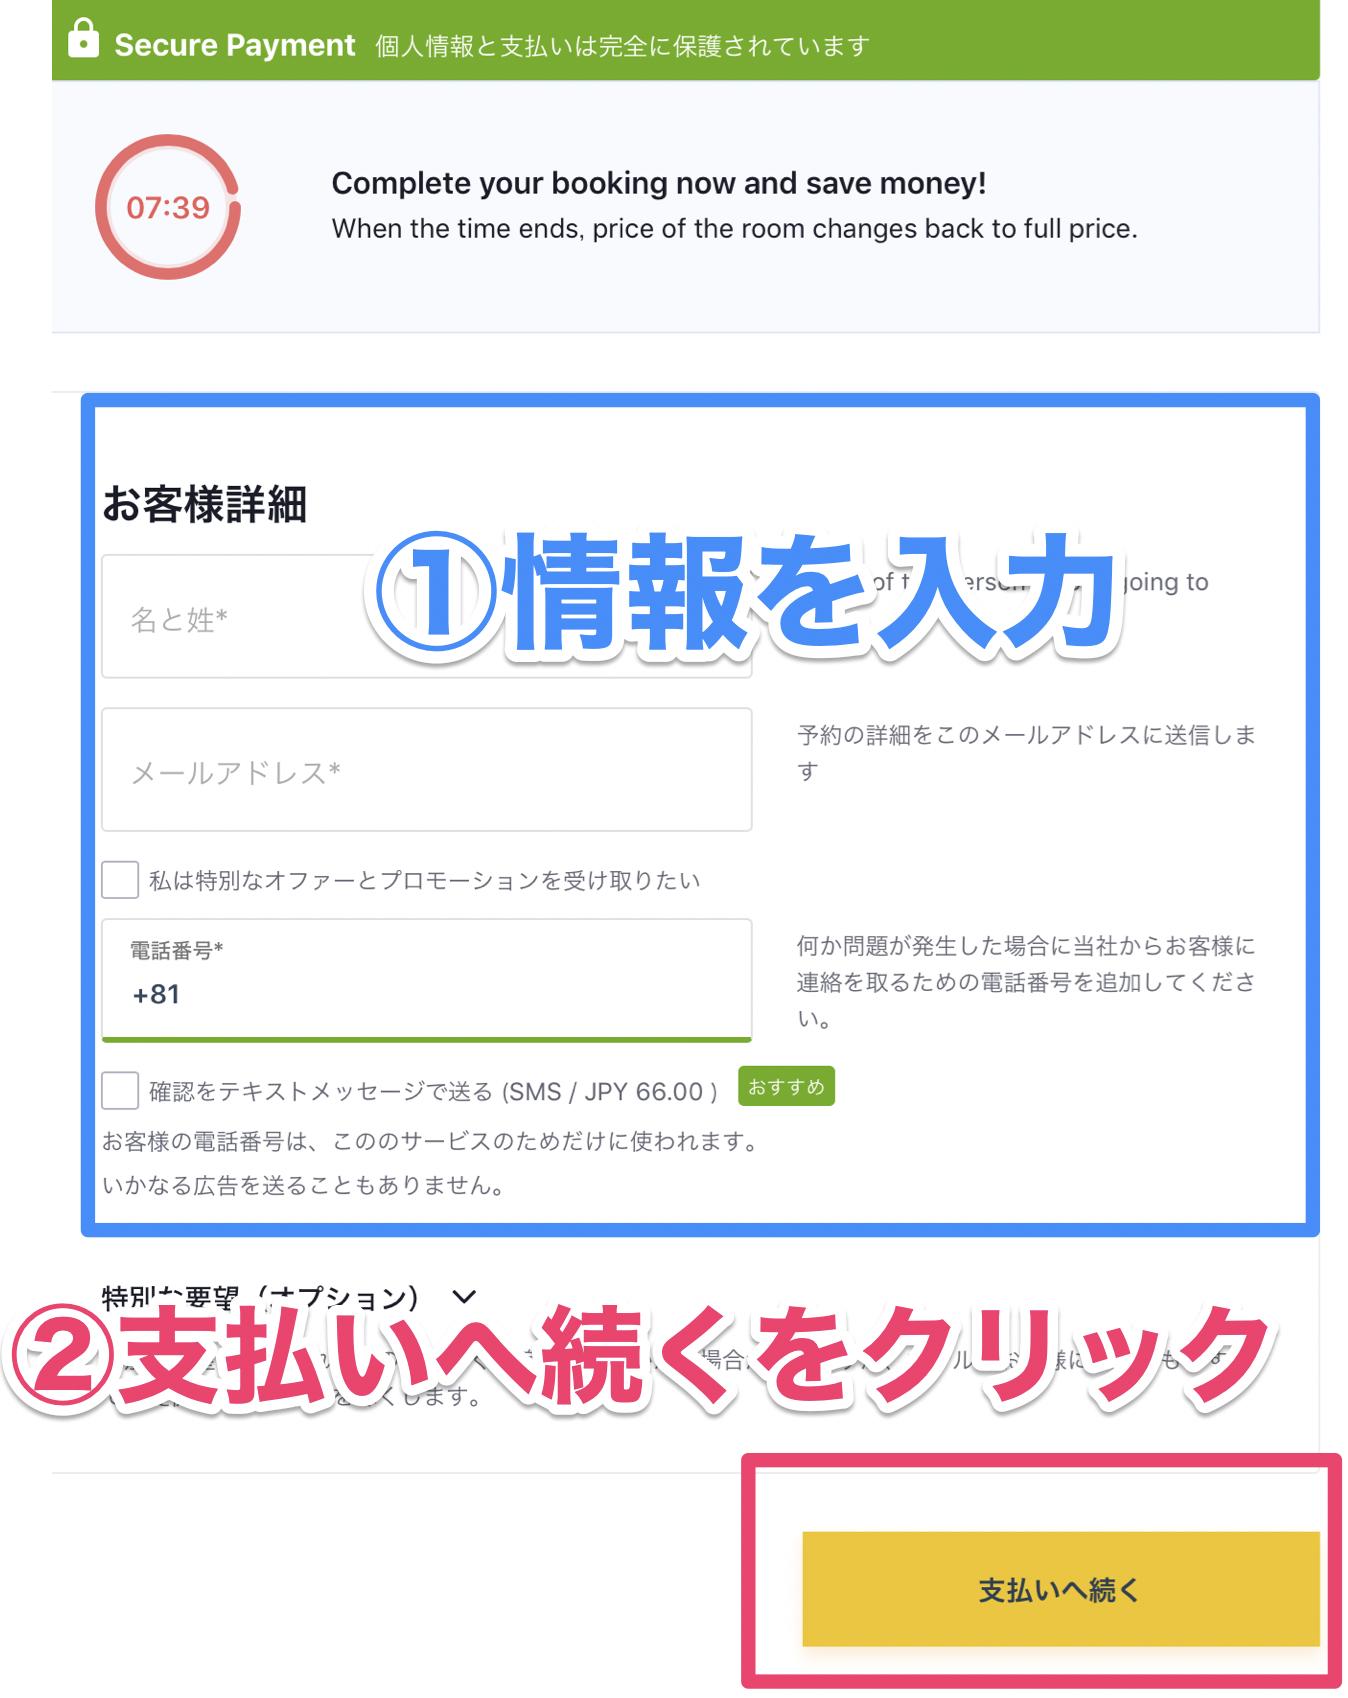 otel.comプロモコードの使い方